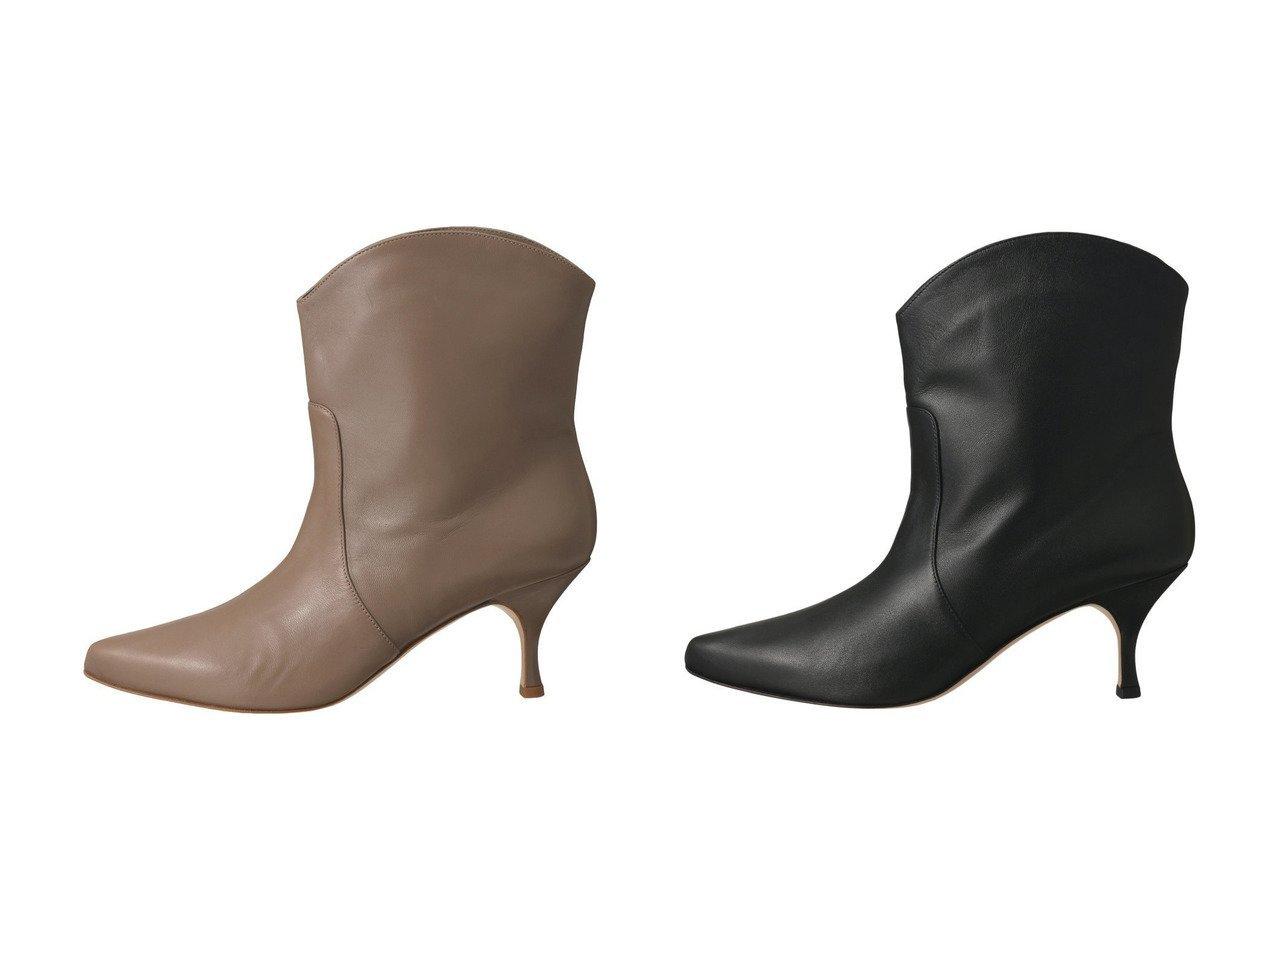 【martinique/マルティニーク】の【NEBLONI E】ブーティー シューズ・靴のおすすめ!人気、トレンド・レディースファッションの通販 おすすめで人気の流行・トレンド、ファッションの通販商品 メンズファッション・キッズファッション・インテリア・家具・レディースファッション・服の通販 founy(ファニー) https://founy.com/ ファッション Fashion レディースファッション WOMEN なめらか トレンド ミドル |ID:crp329100000011791